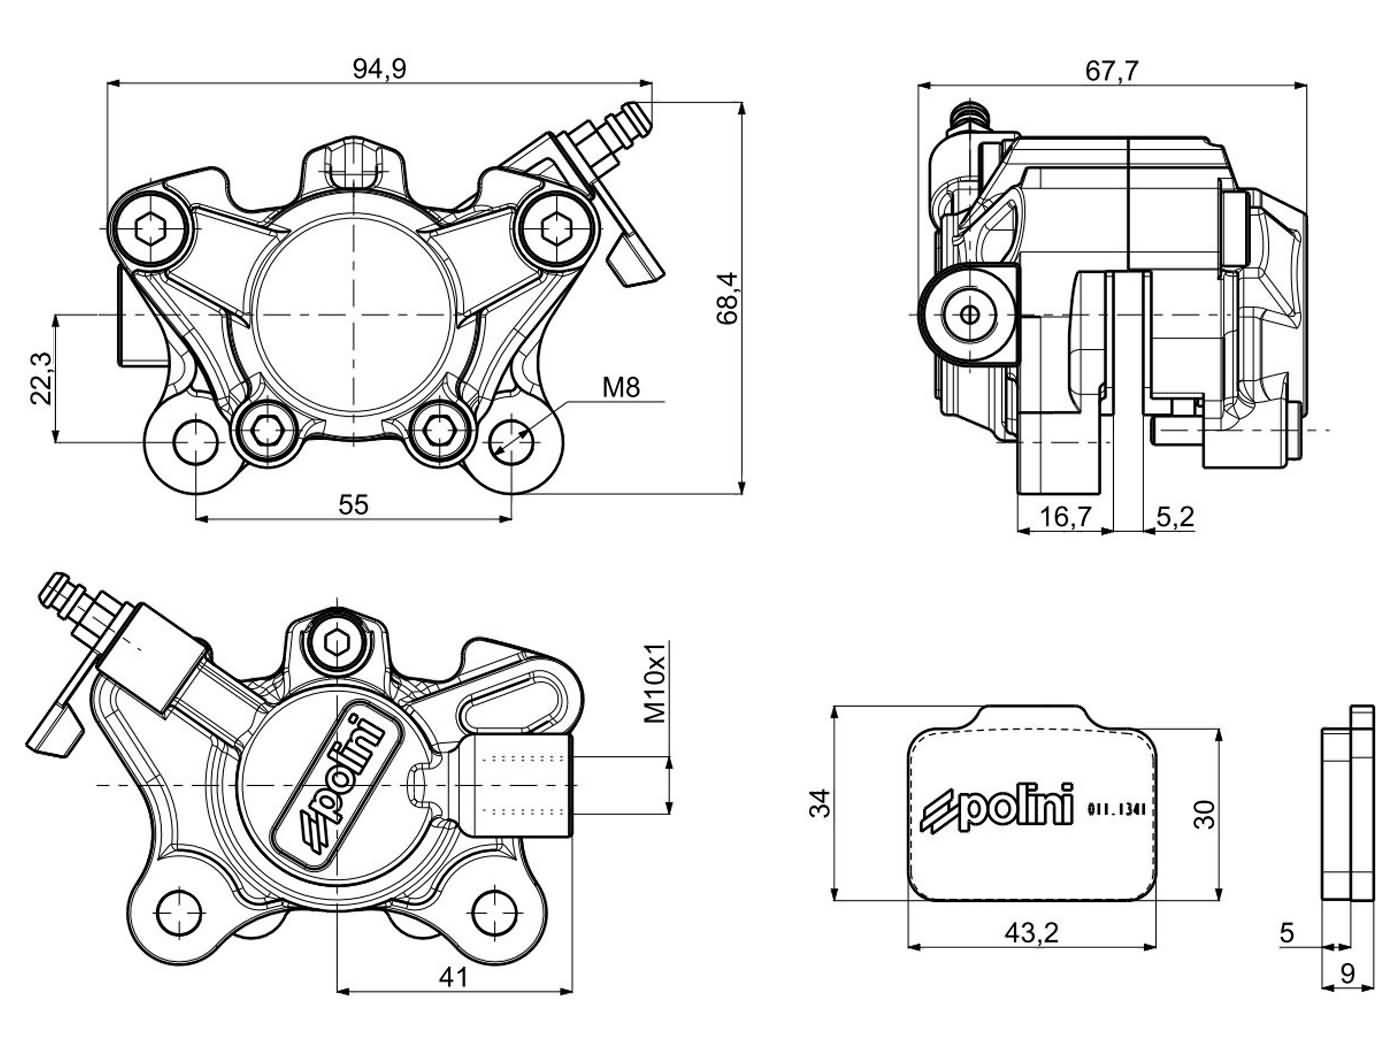 Front Brake Caliper Polini Cnc Racing For Derbi Gilera Piaggio Zip Vespa Px200e Wiring Diagram Sp